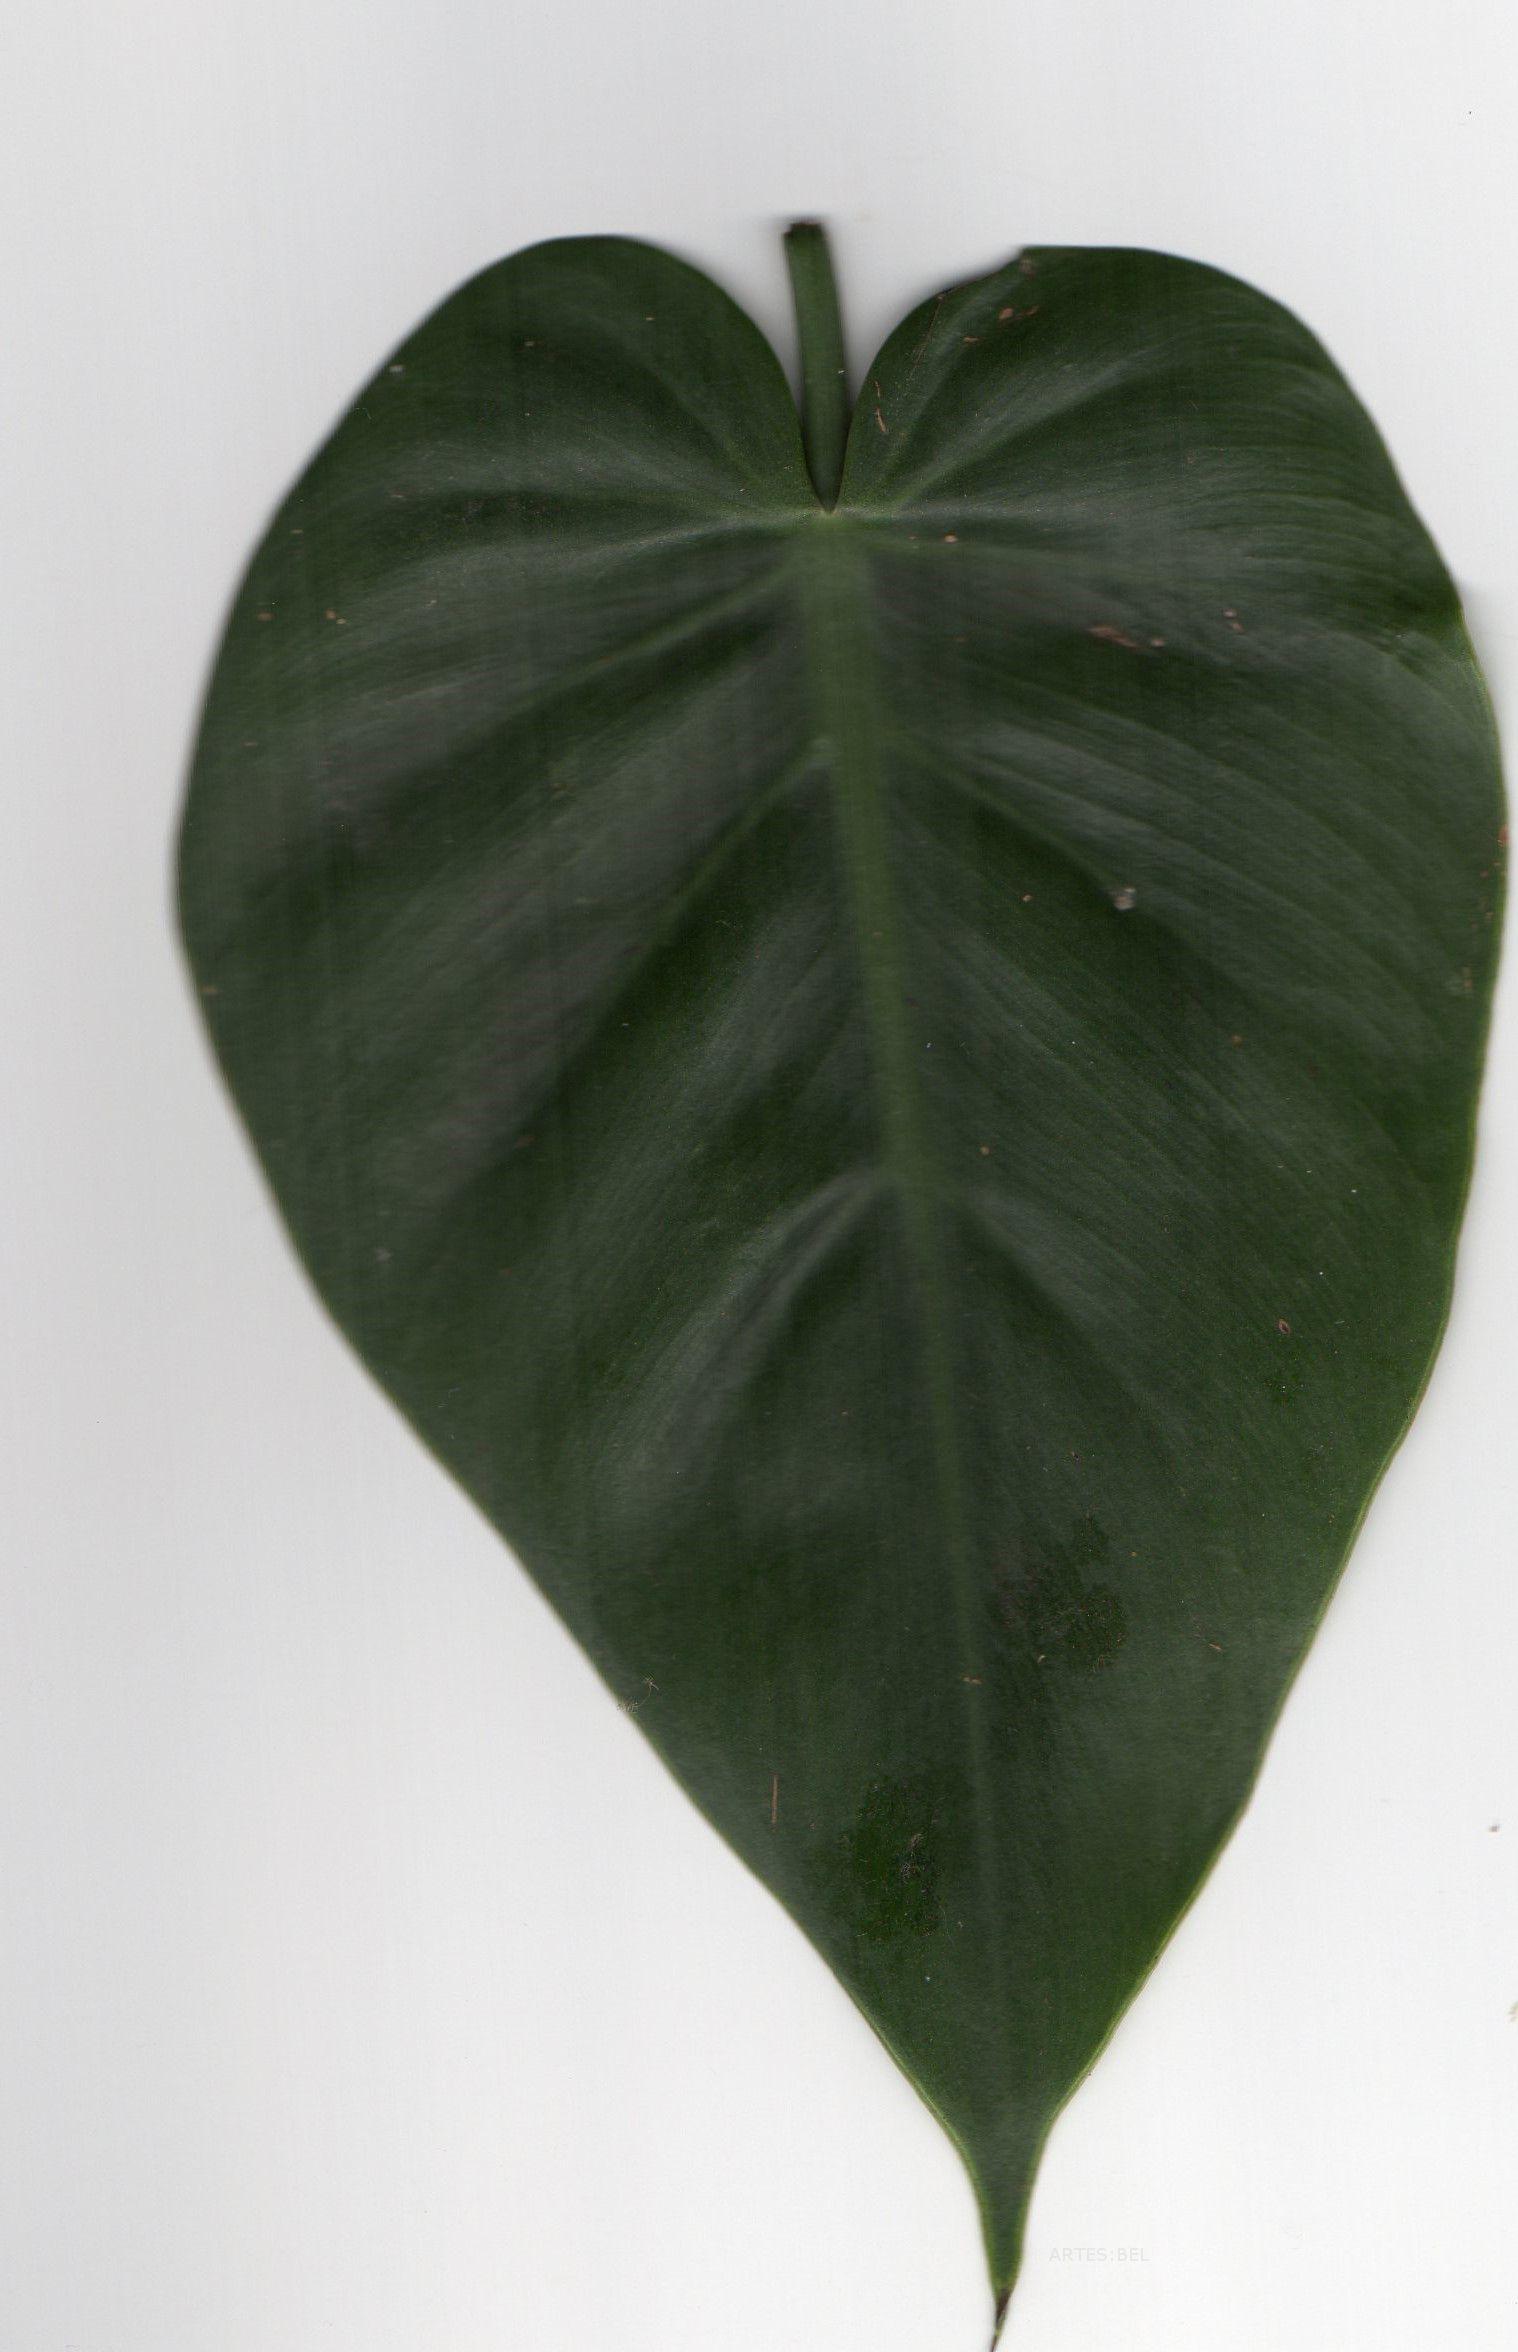 Plantas em formato de coração #heart, #plants